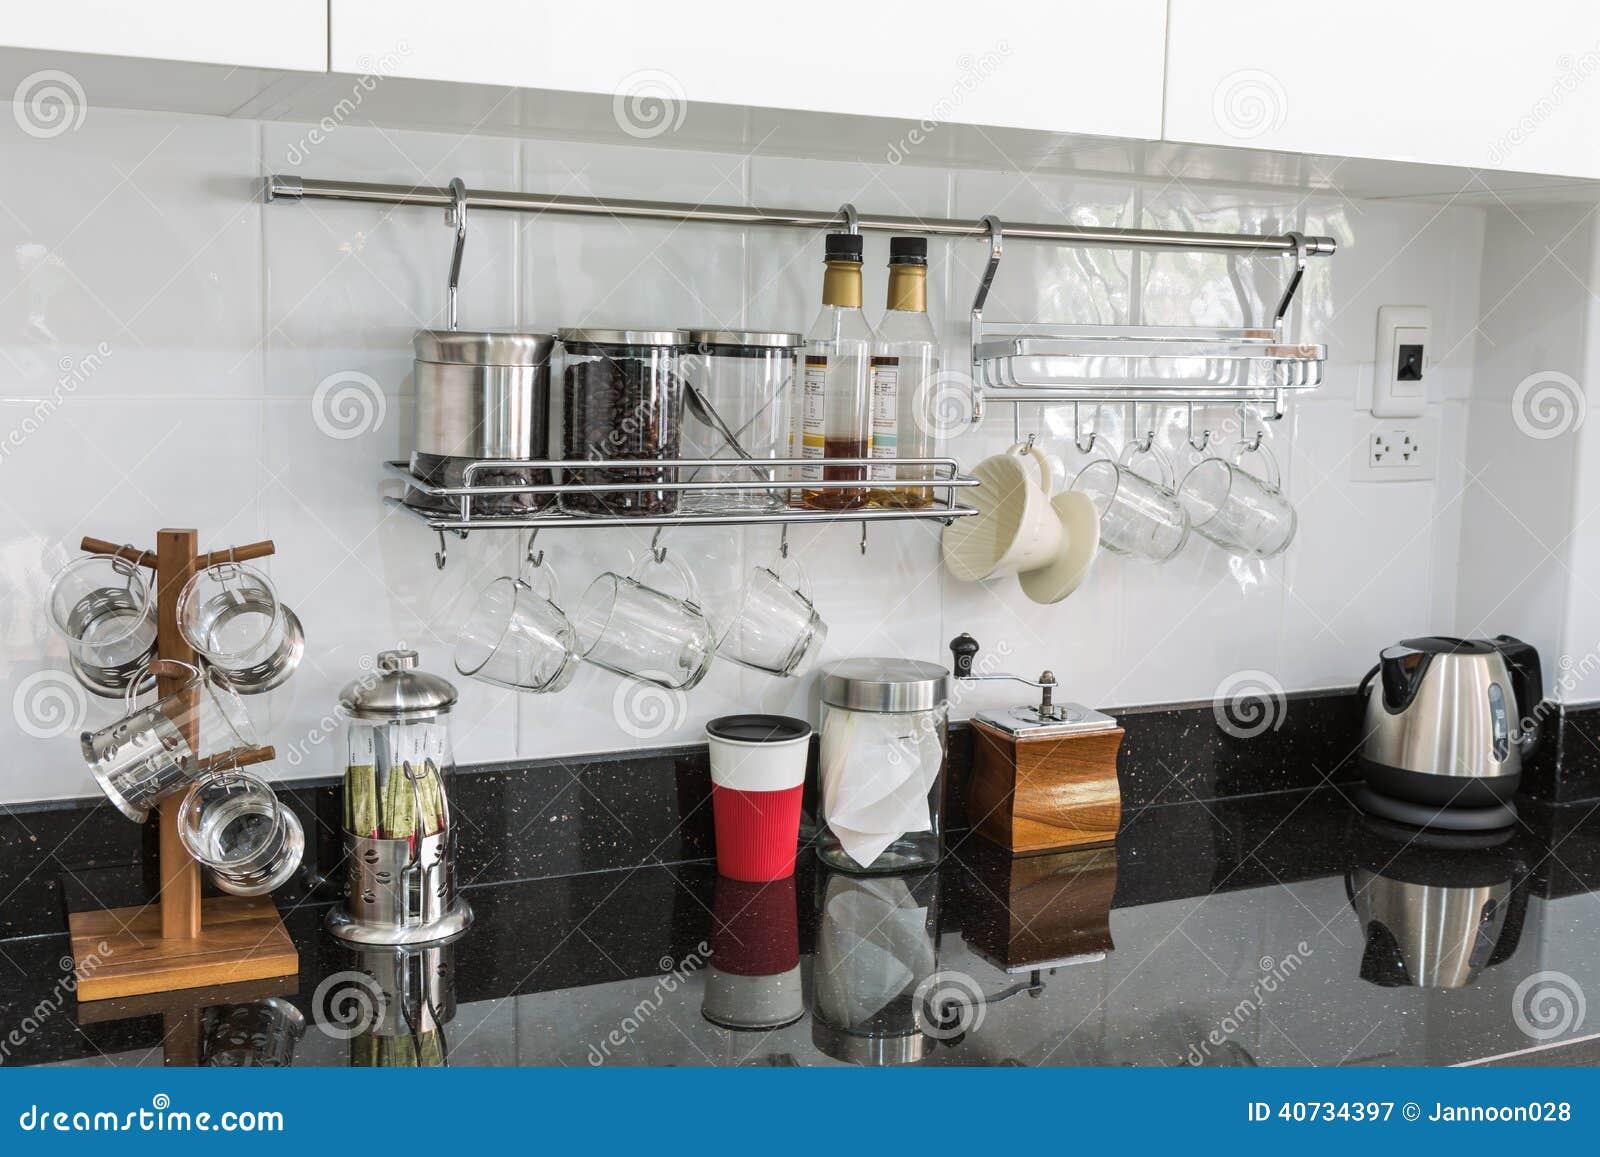 Kuchenschranke Mit Kaffeeecke Im Modernen Haus Stockbild Bild Von